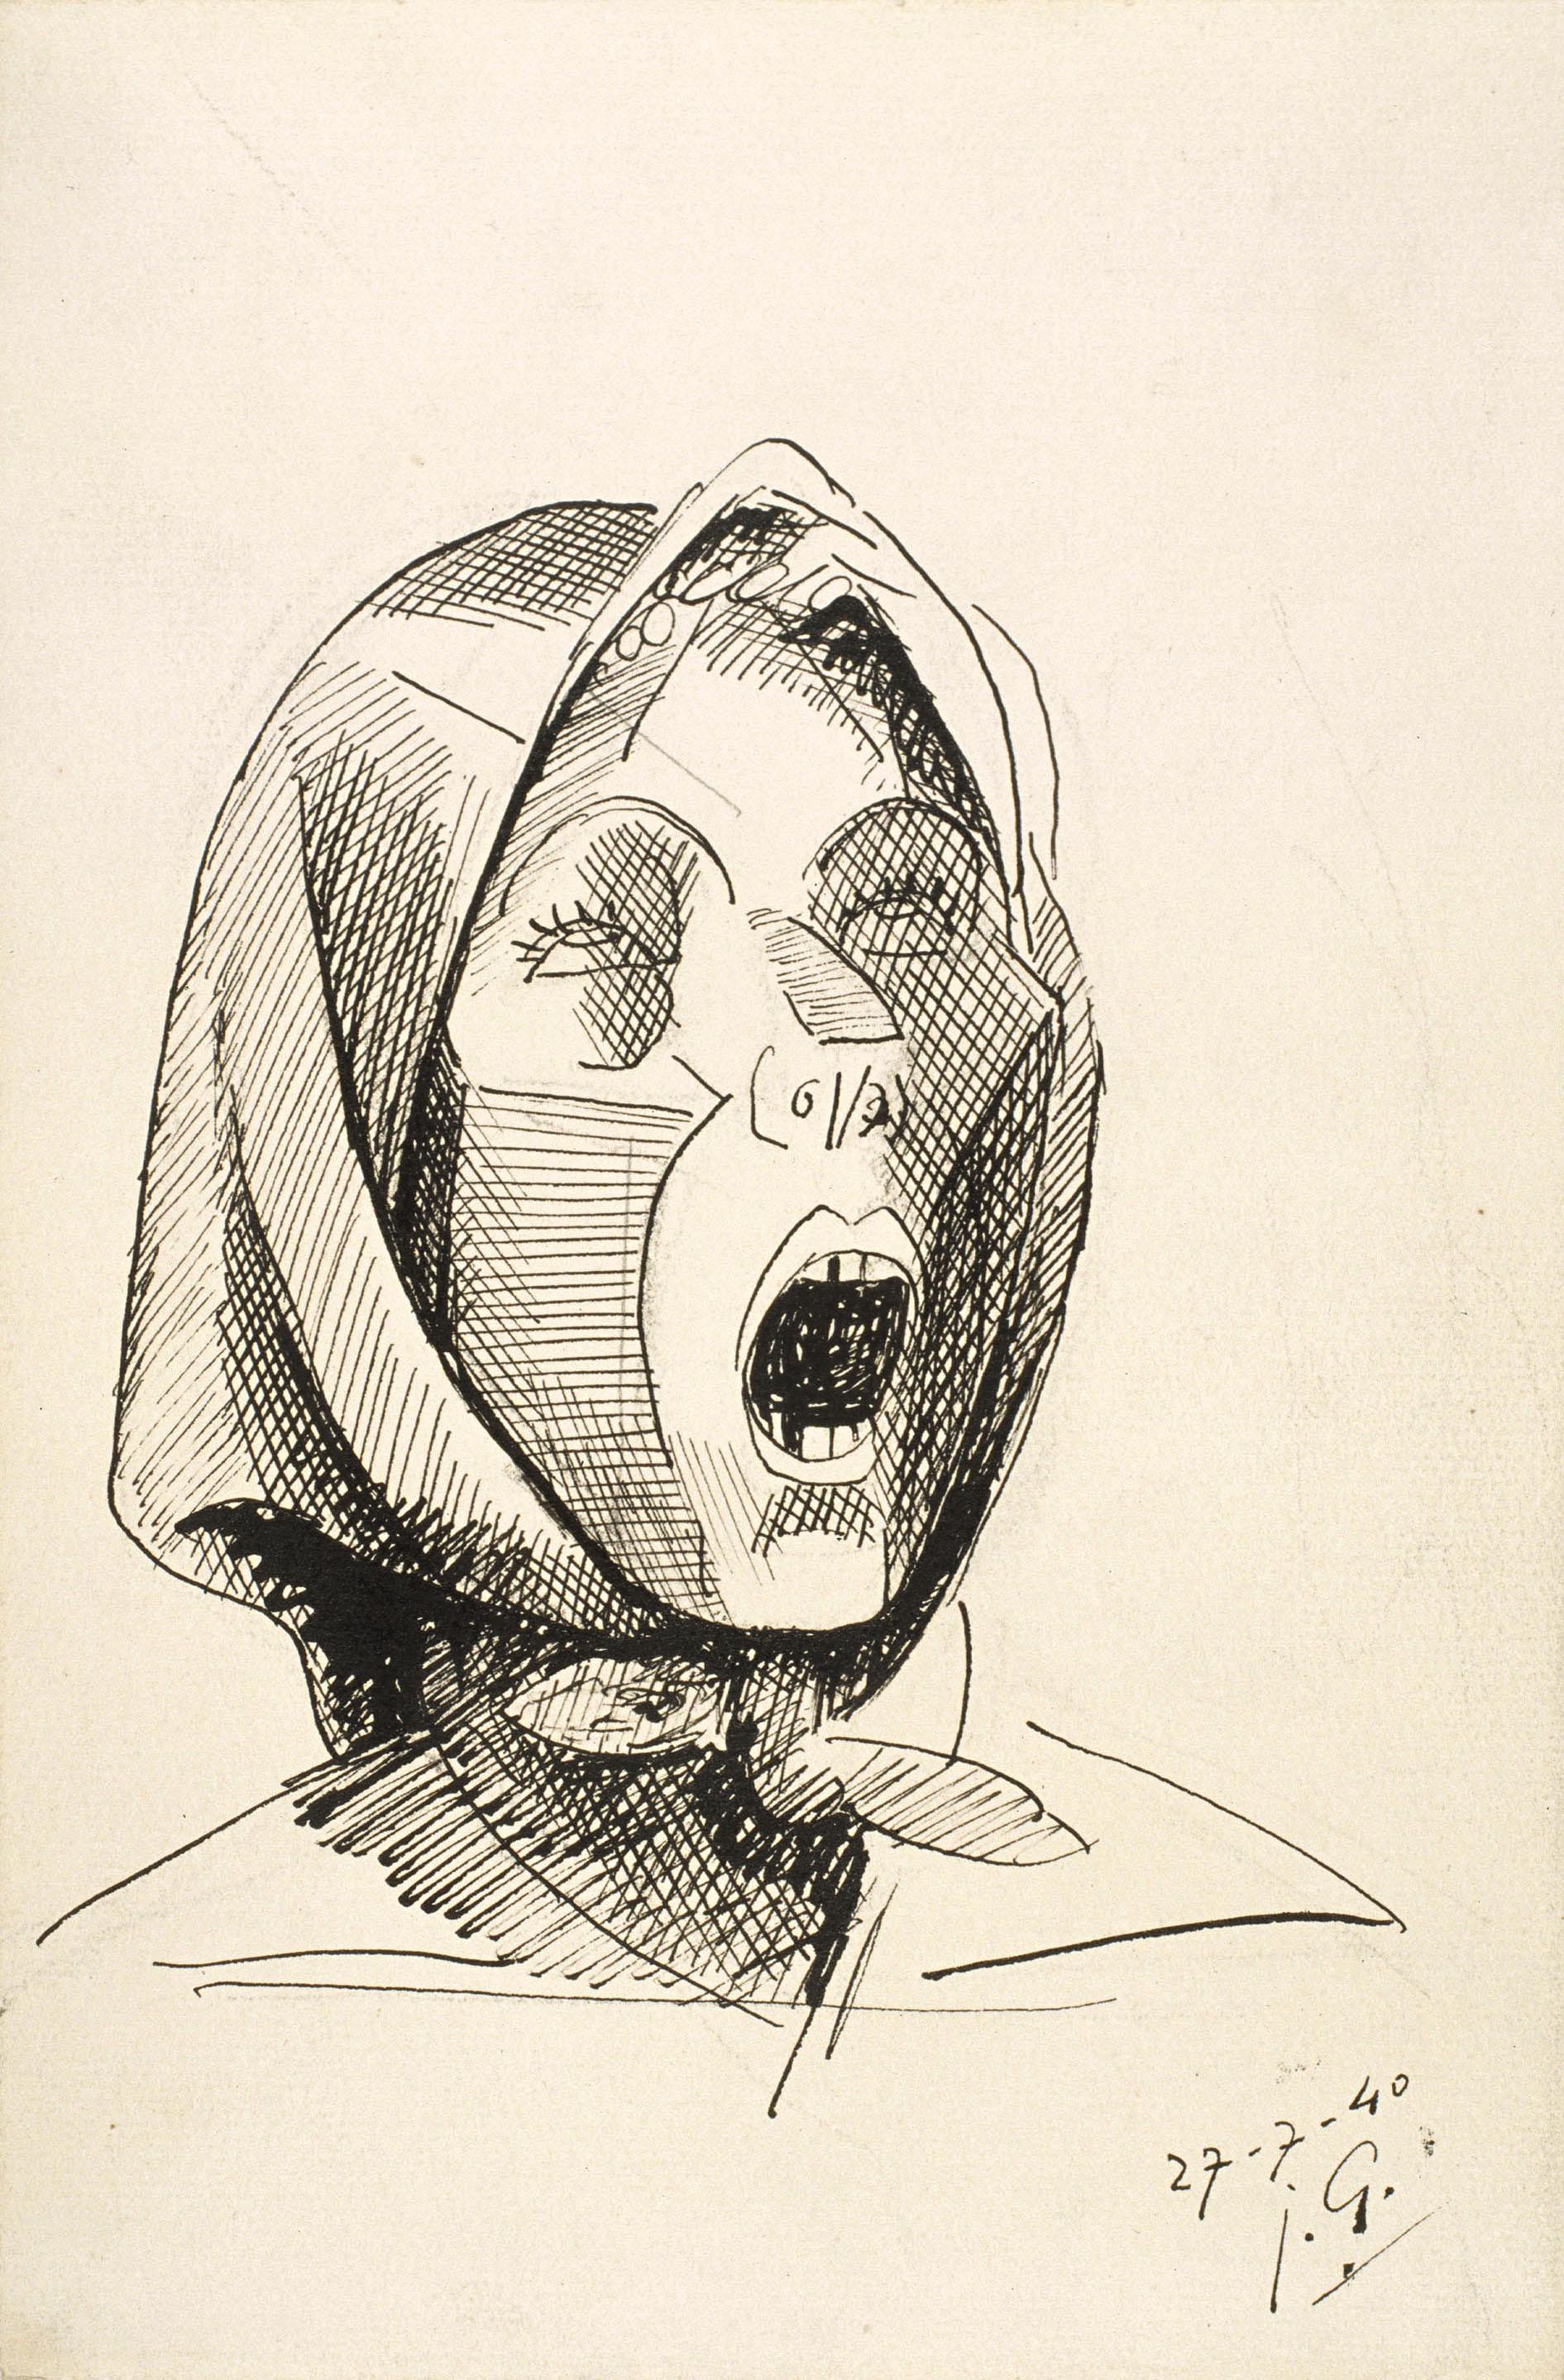 Juli González - Montserrat cridant, núm. 2 - 1940